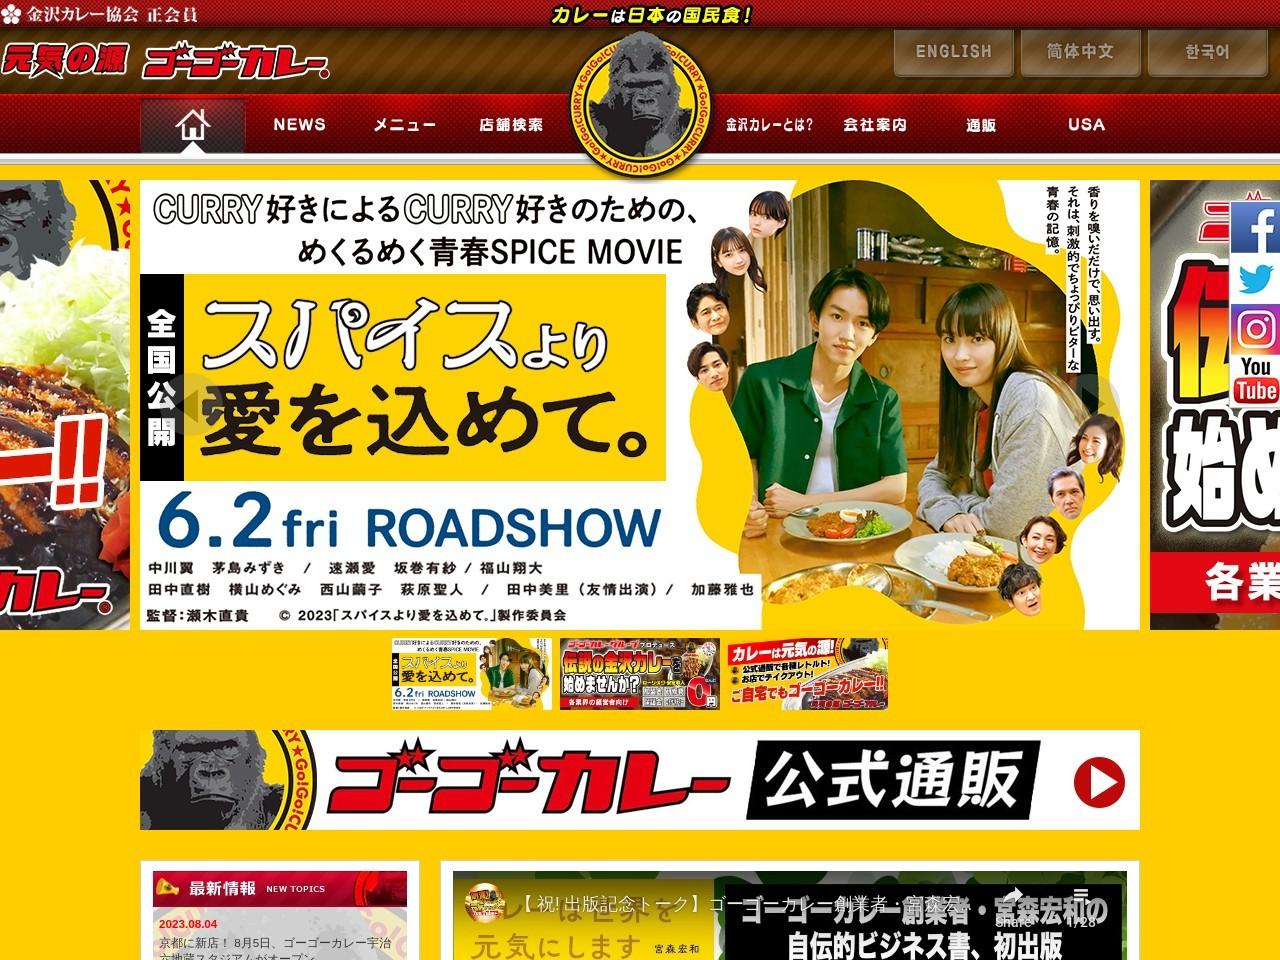 http://www.gogocurry.com/shop/026/index.html